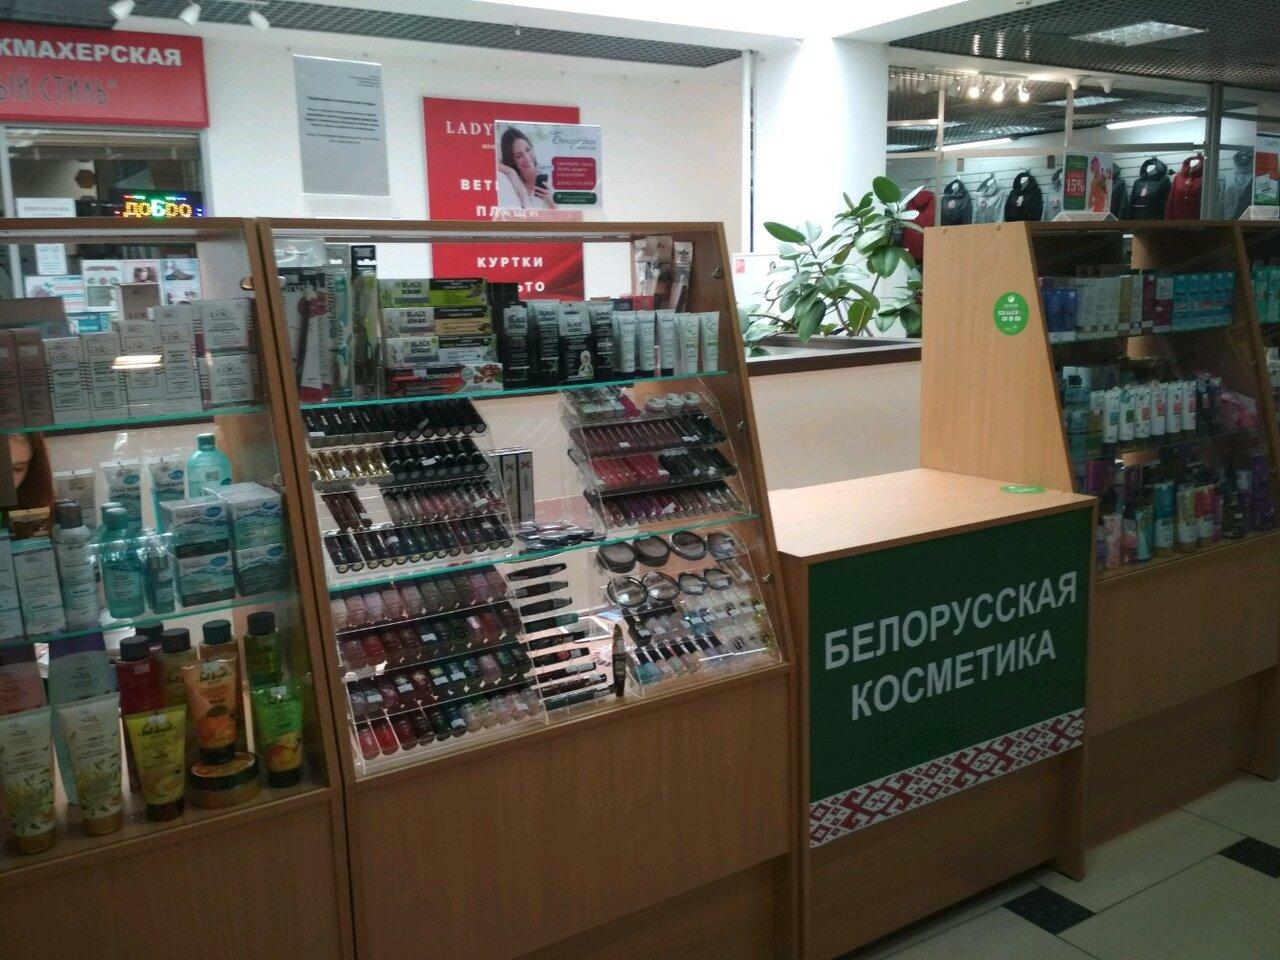 купить белорусскую косметику в мурманске